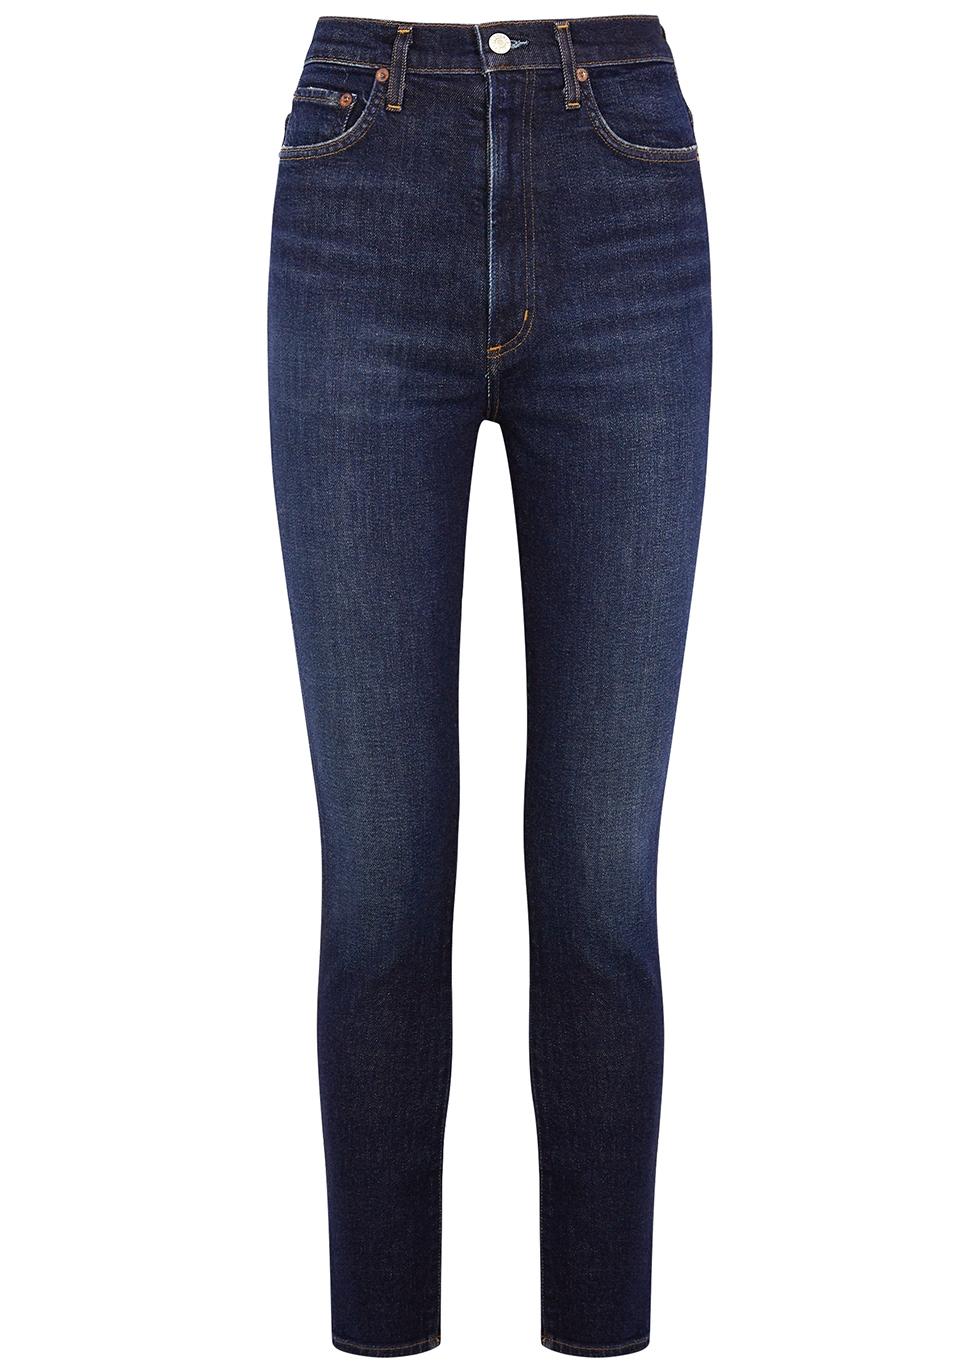 Pinch Waist indigo skinny jeans